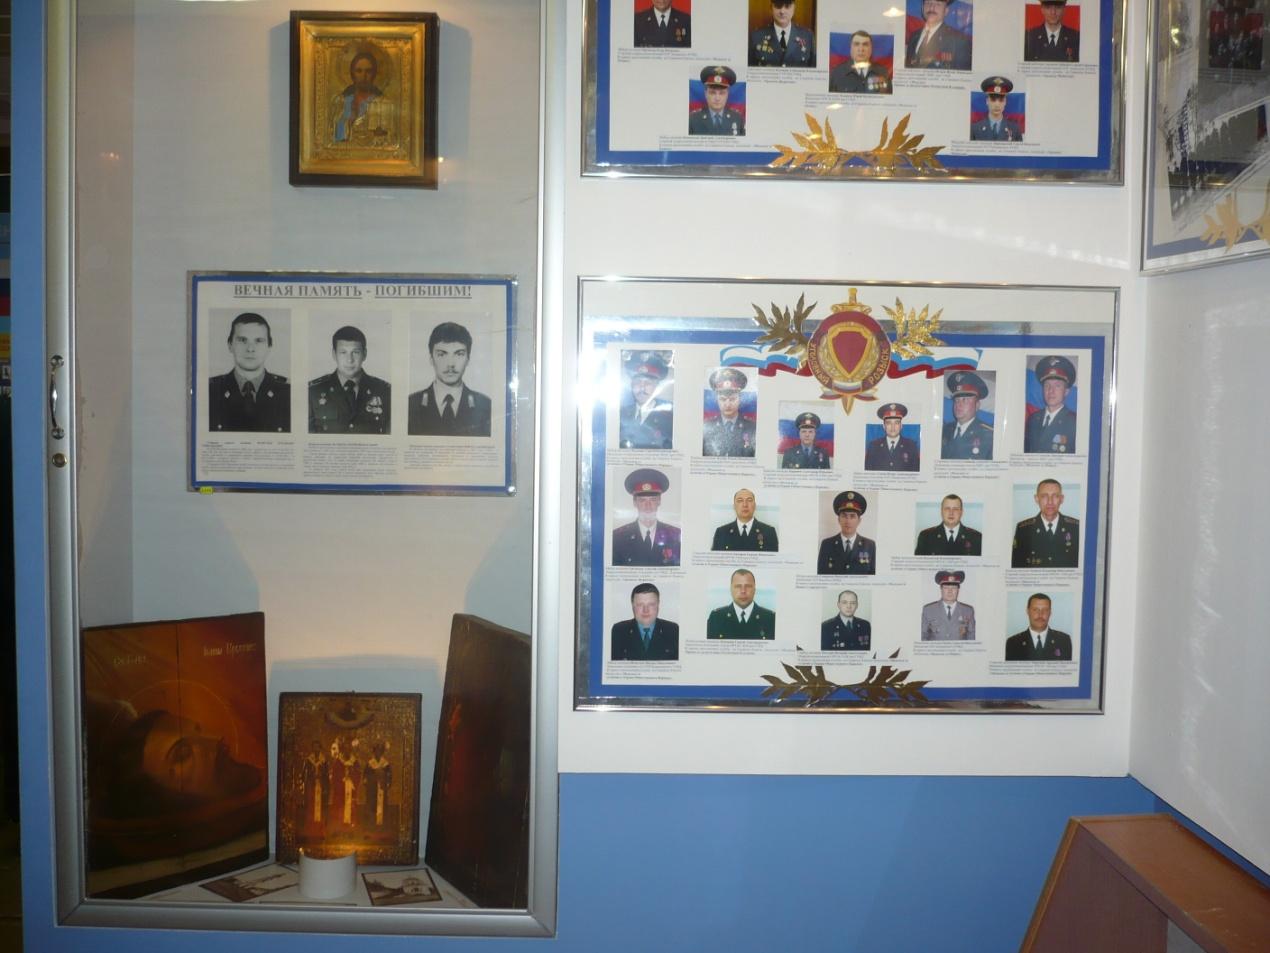 I:\Архив\разное рабочий стол\разное\Т.А\экскурсия в музей ГУВД\P1030042.JPG